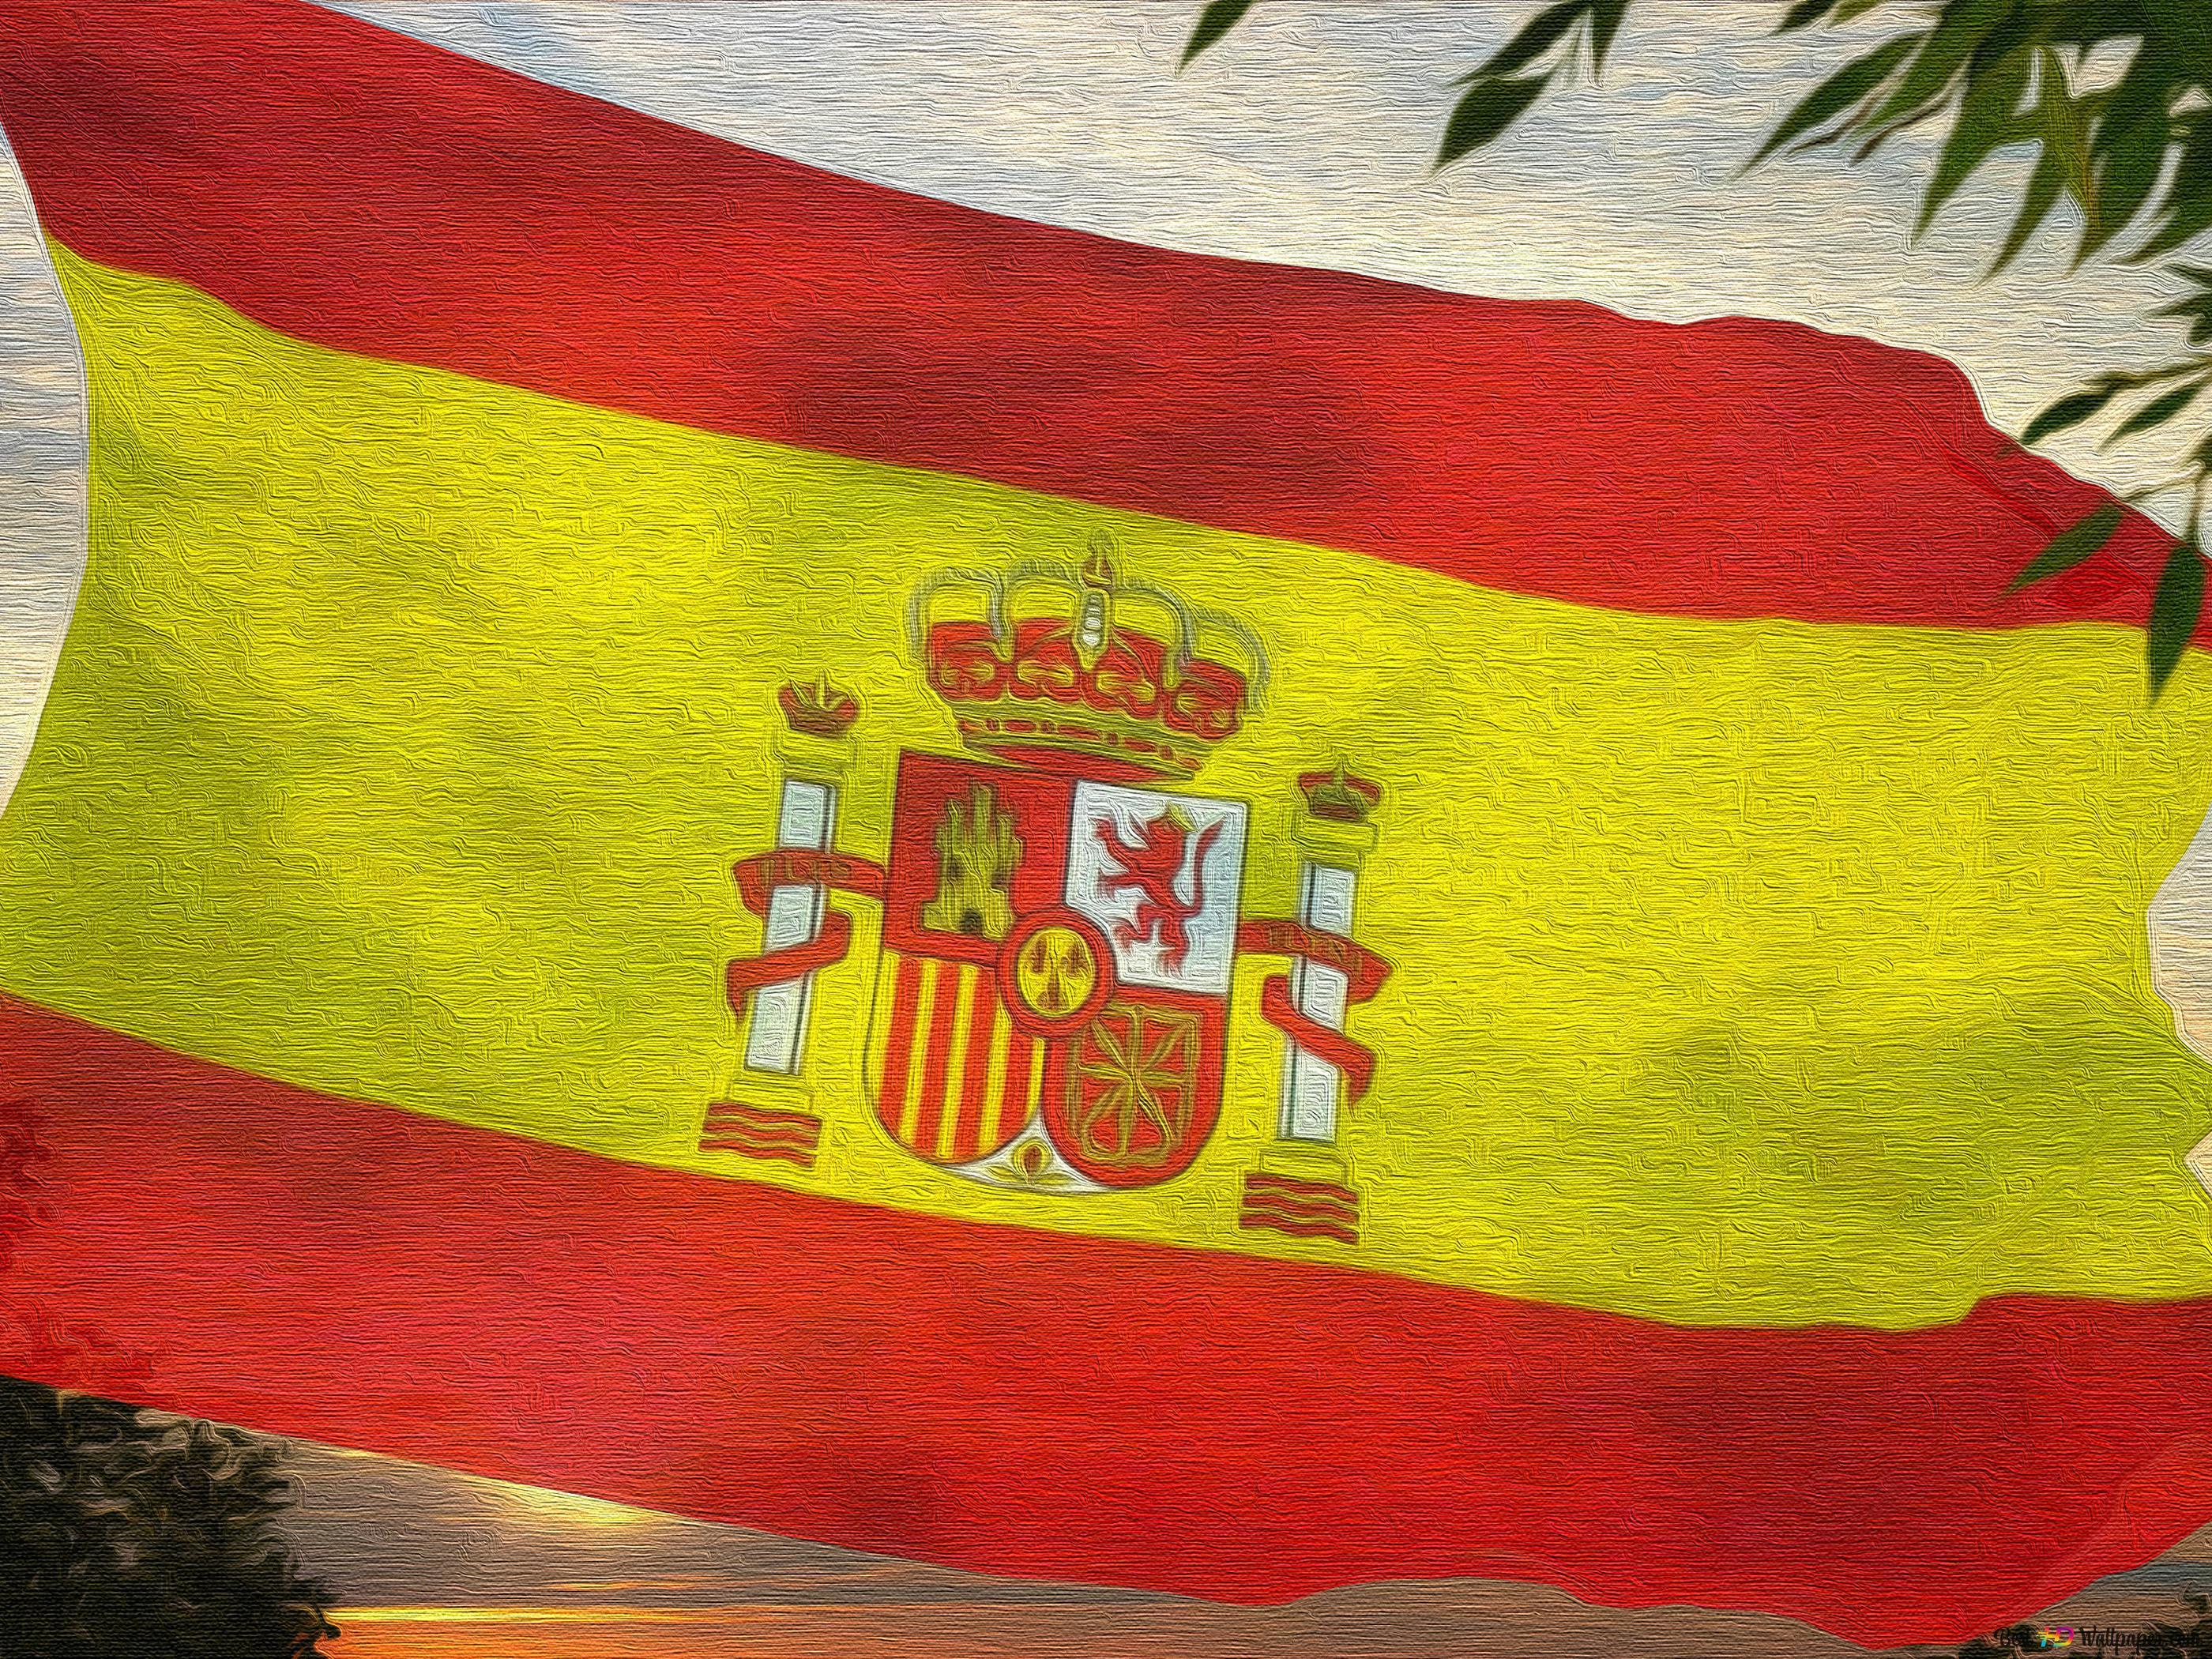 スペインの旗キャンバス Hd壁紙のダウンロード